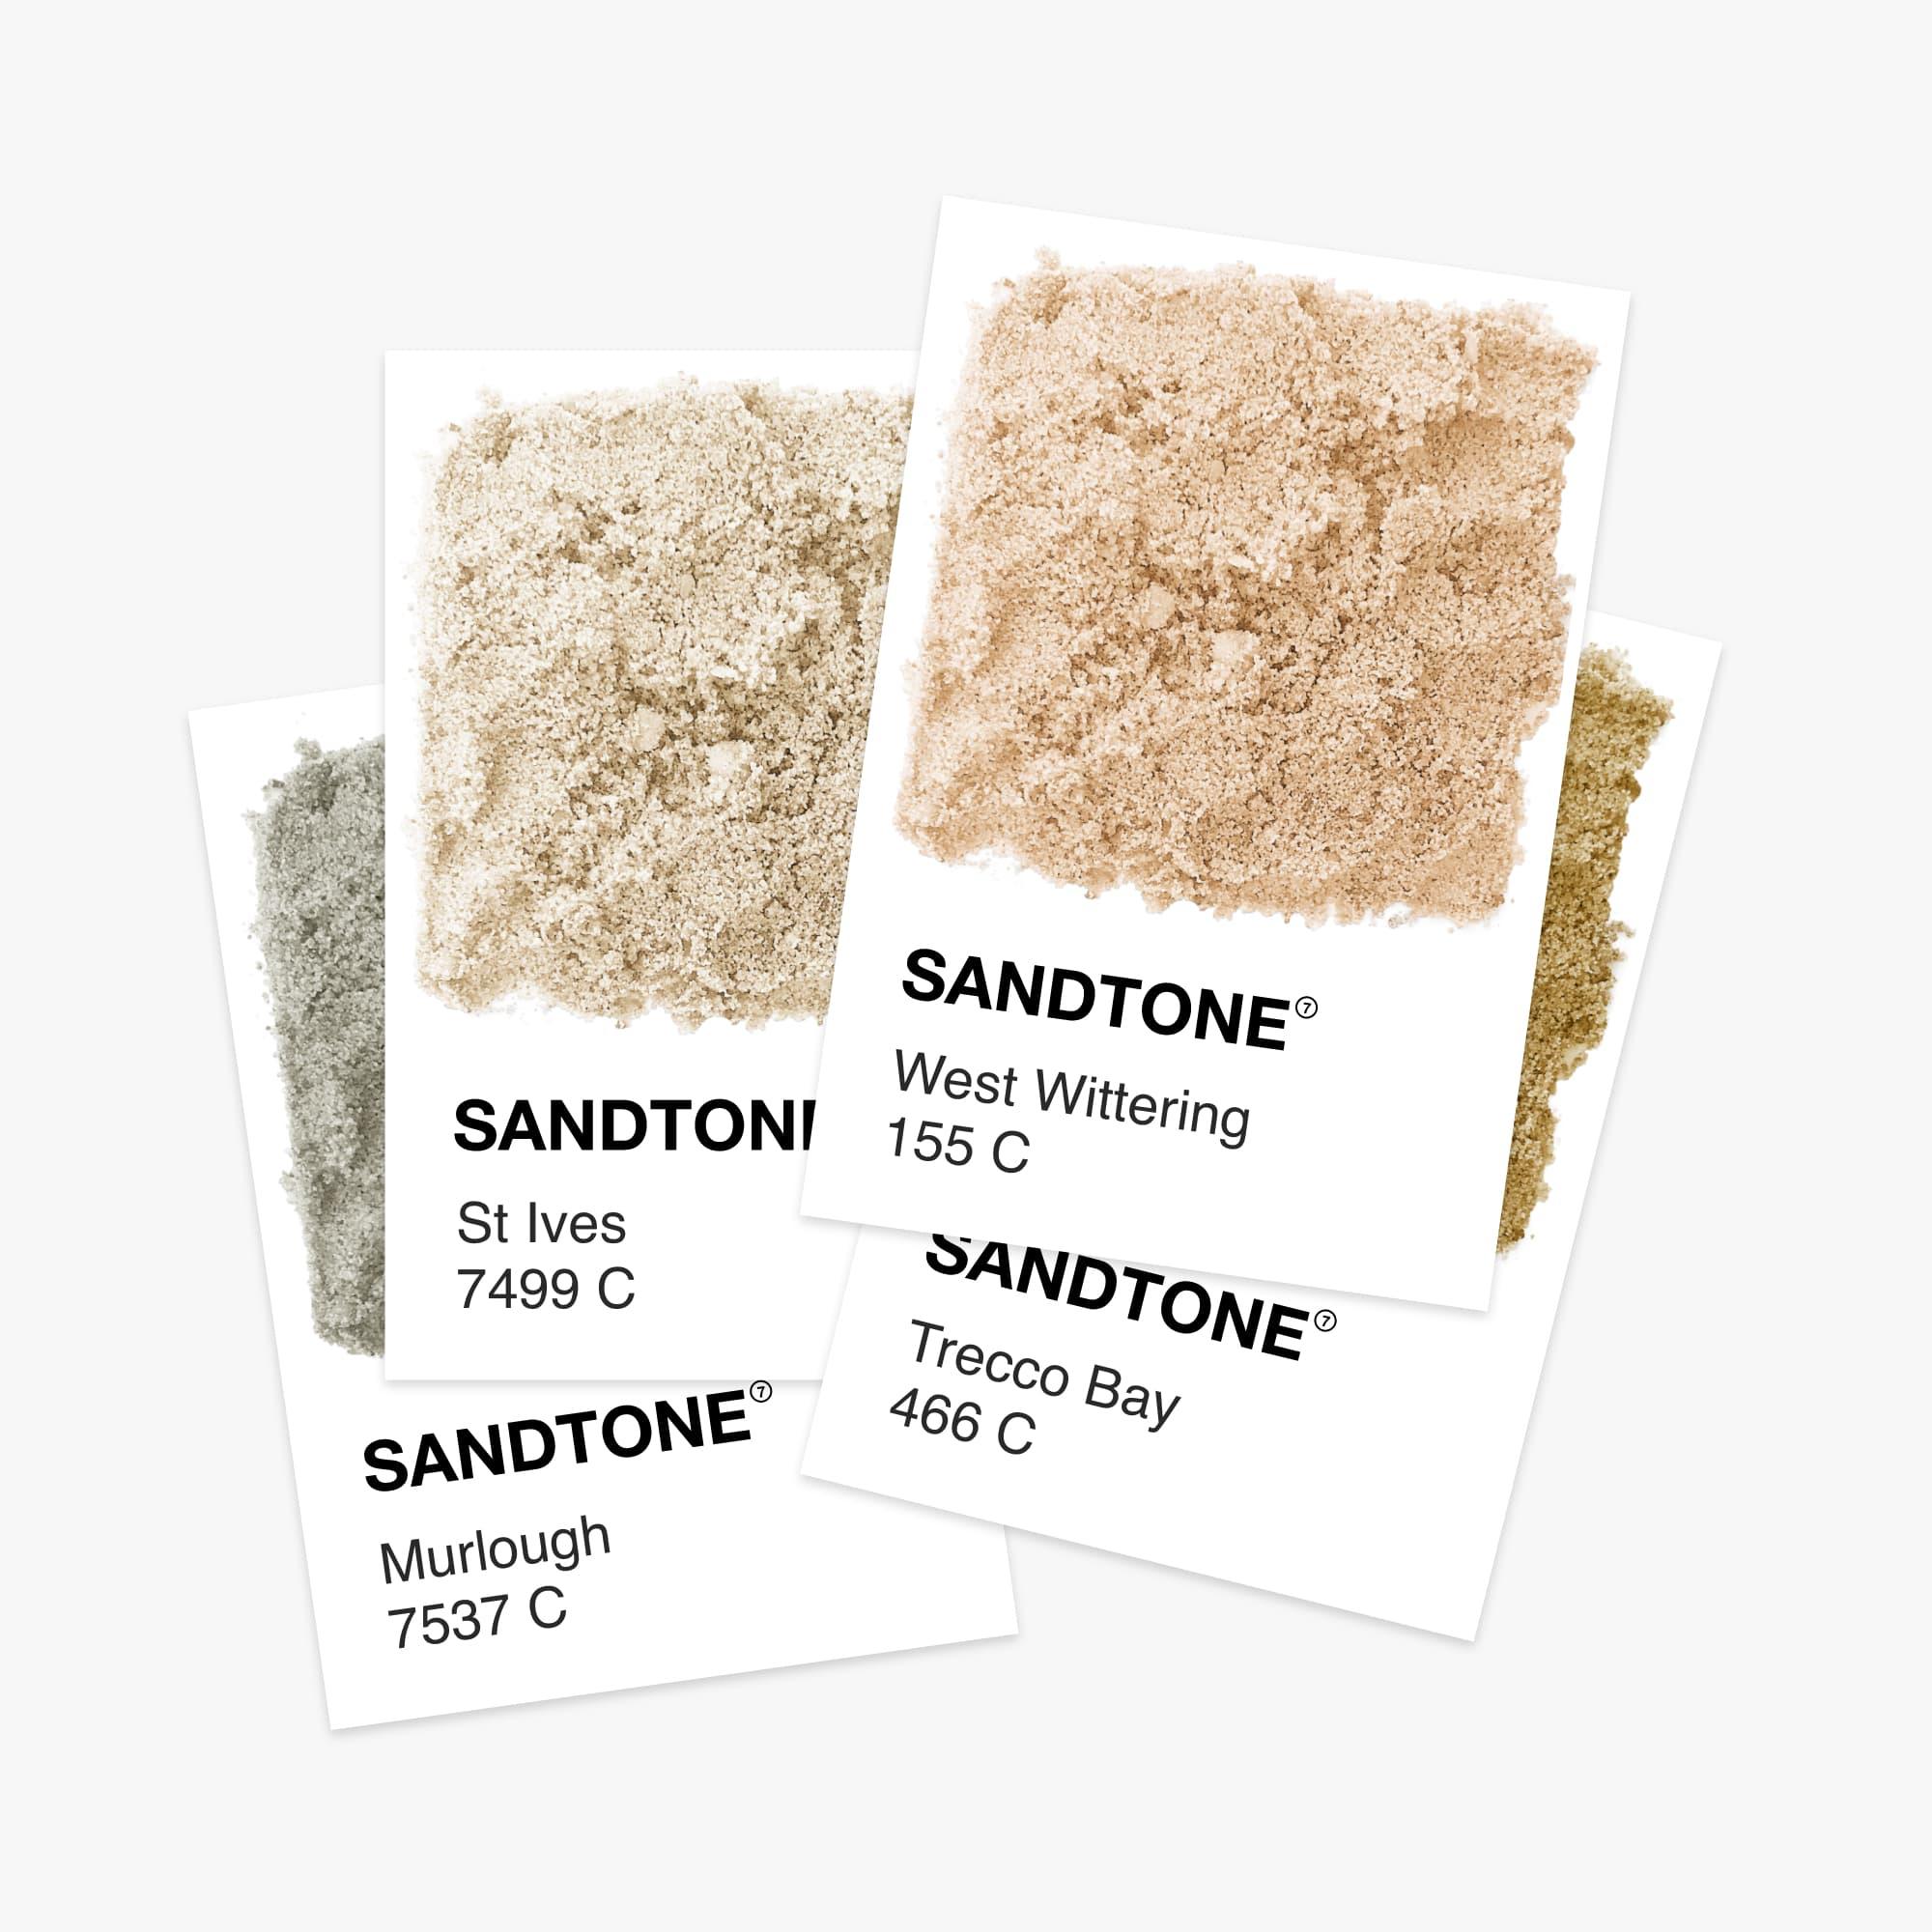 amy-jones-sandtone-pantone-sand-beaches-swatches@2x